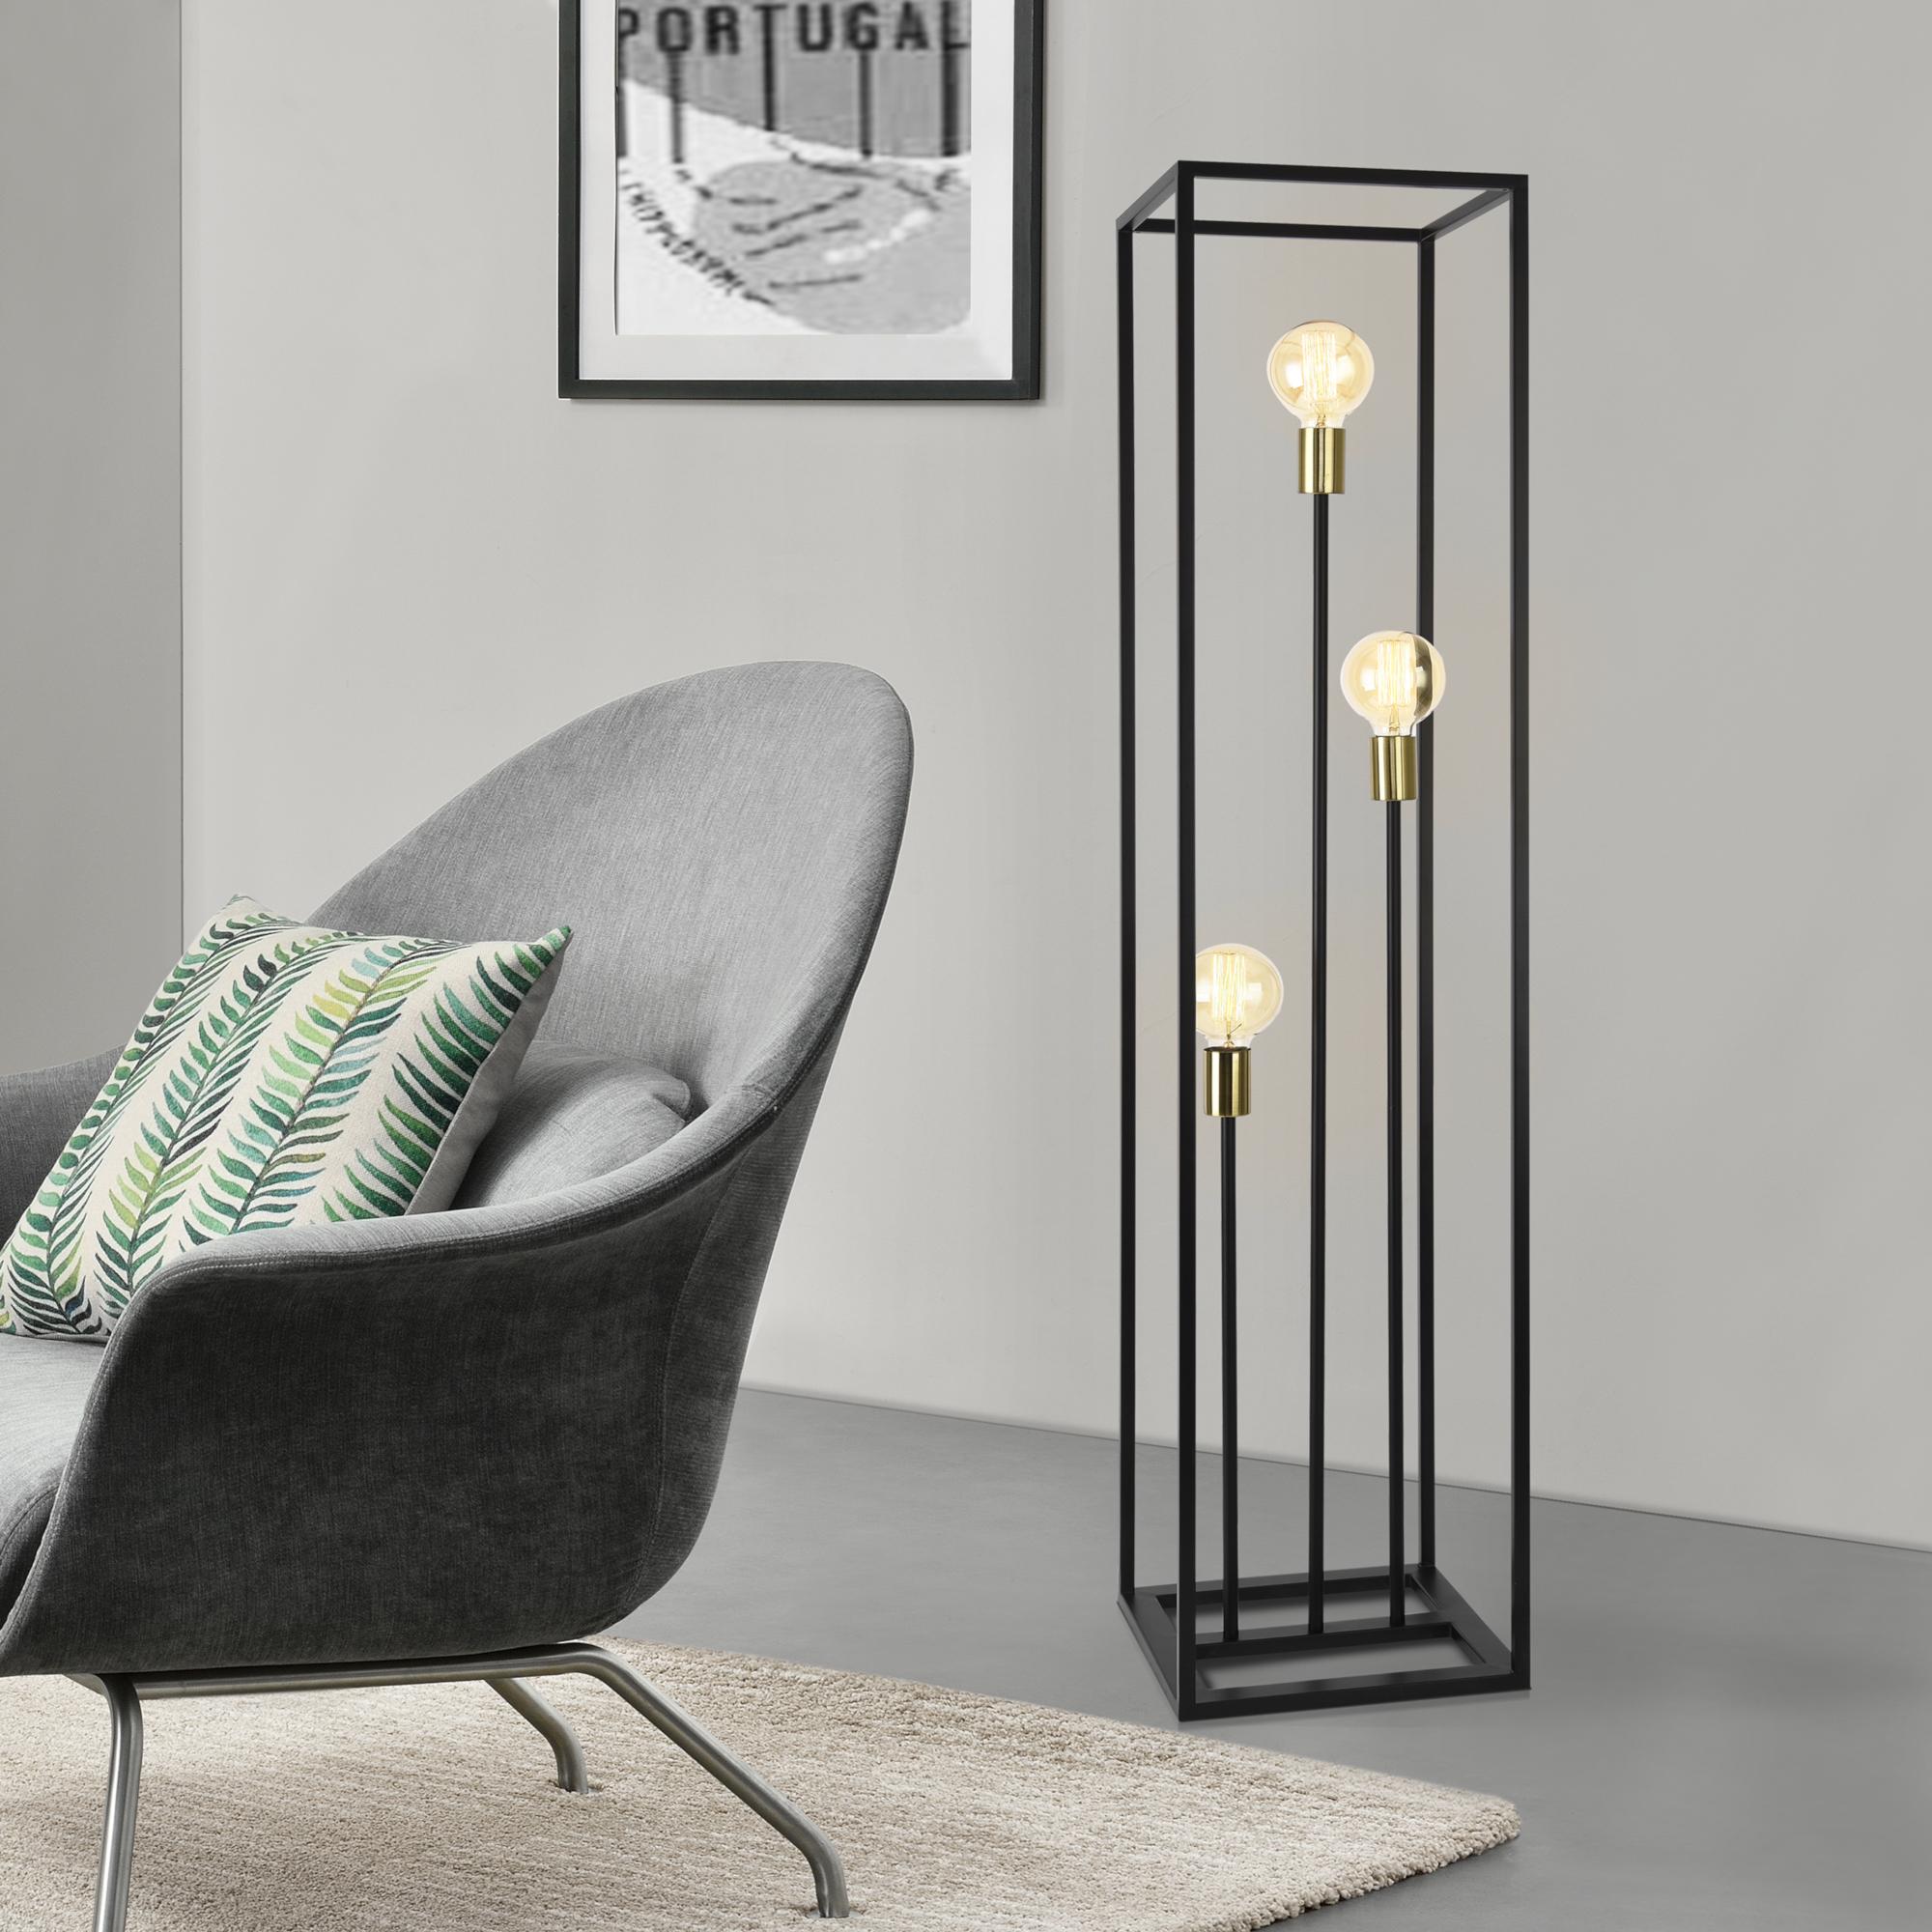 Details zu [lux.pro] Stehleuchte 140cm Stehlampe Standleuchte Stand Lampe Metall 3 flammig